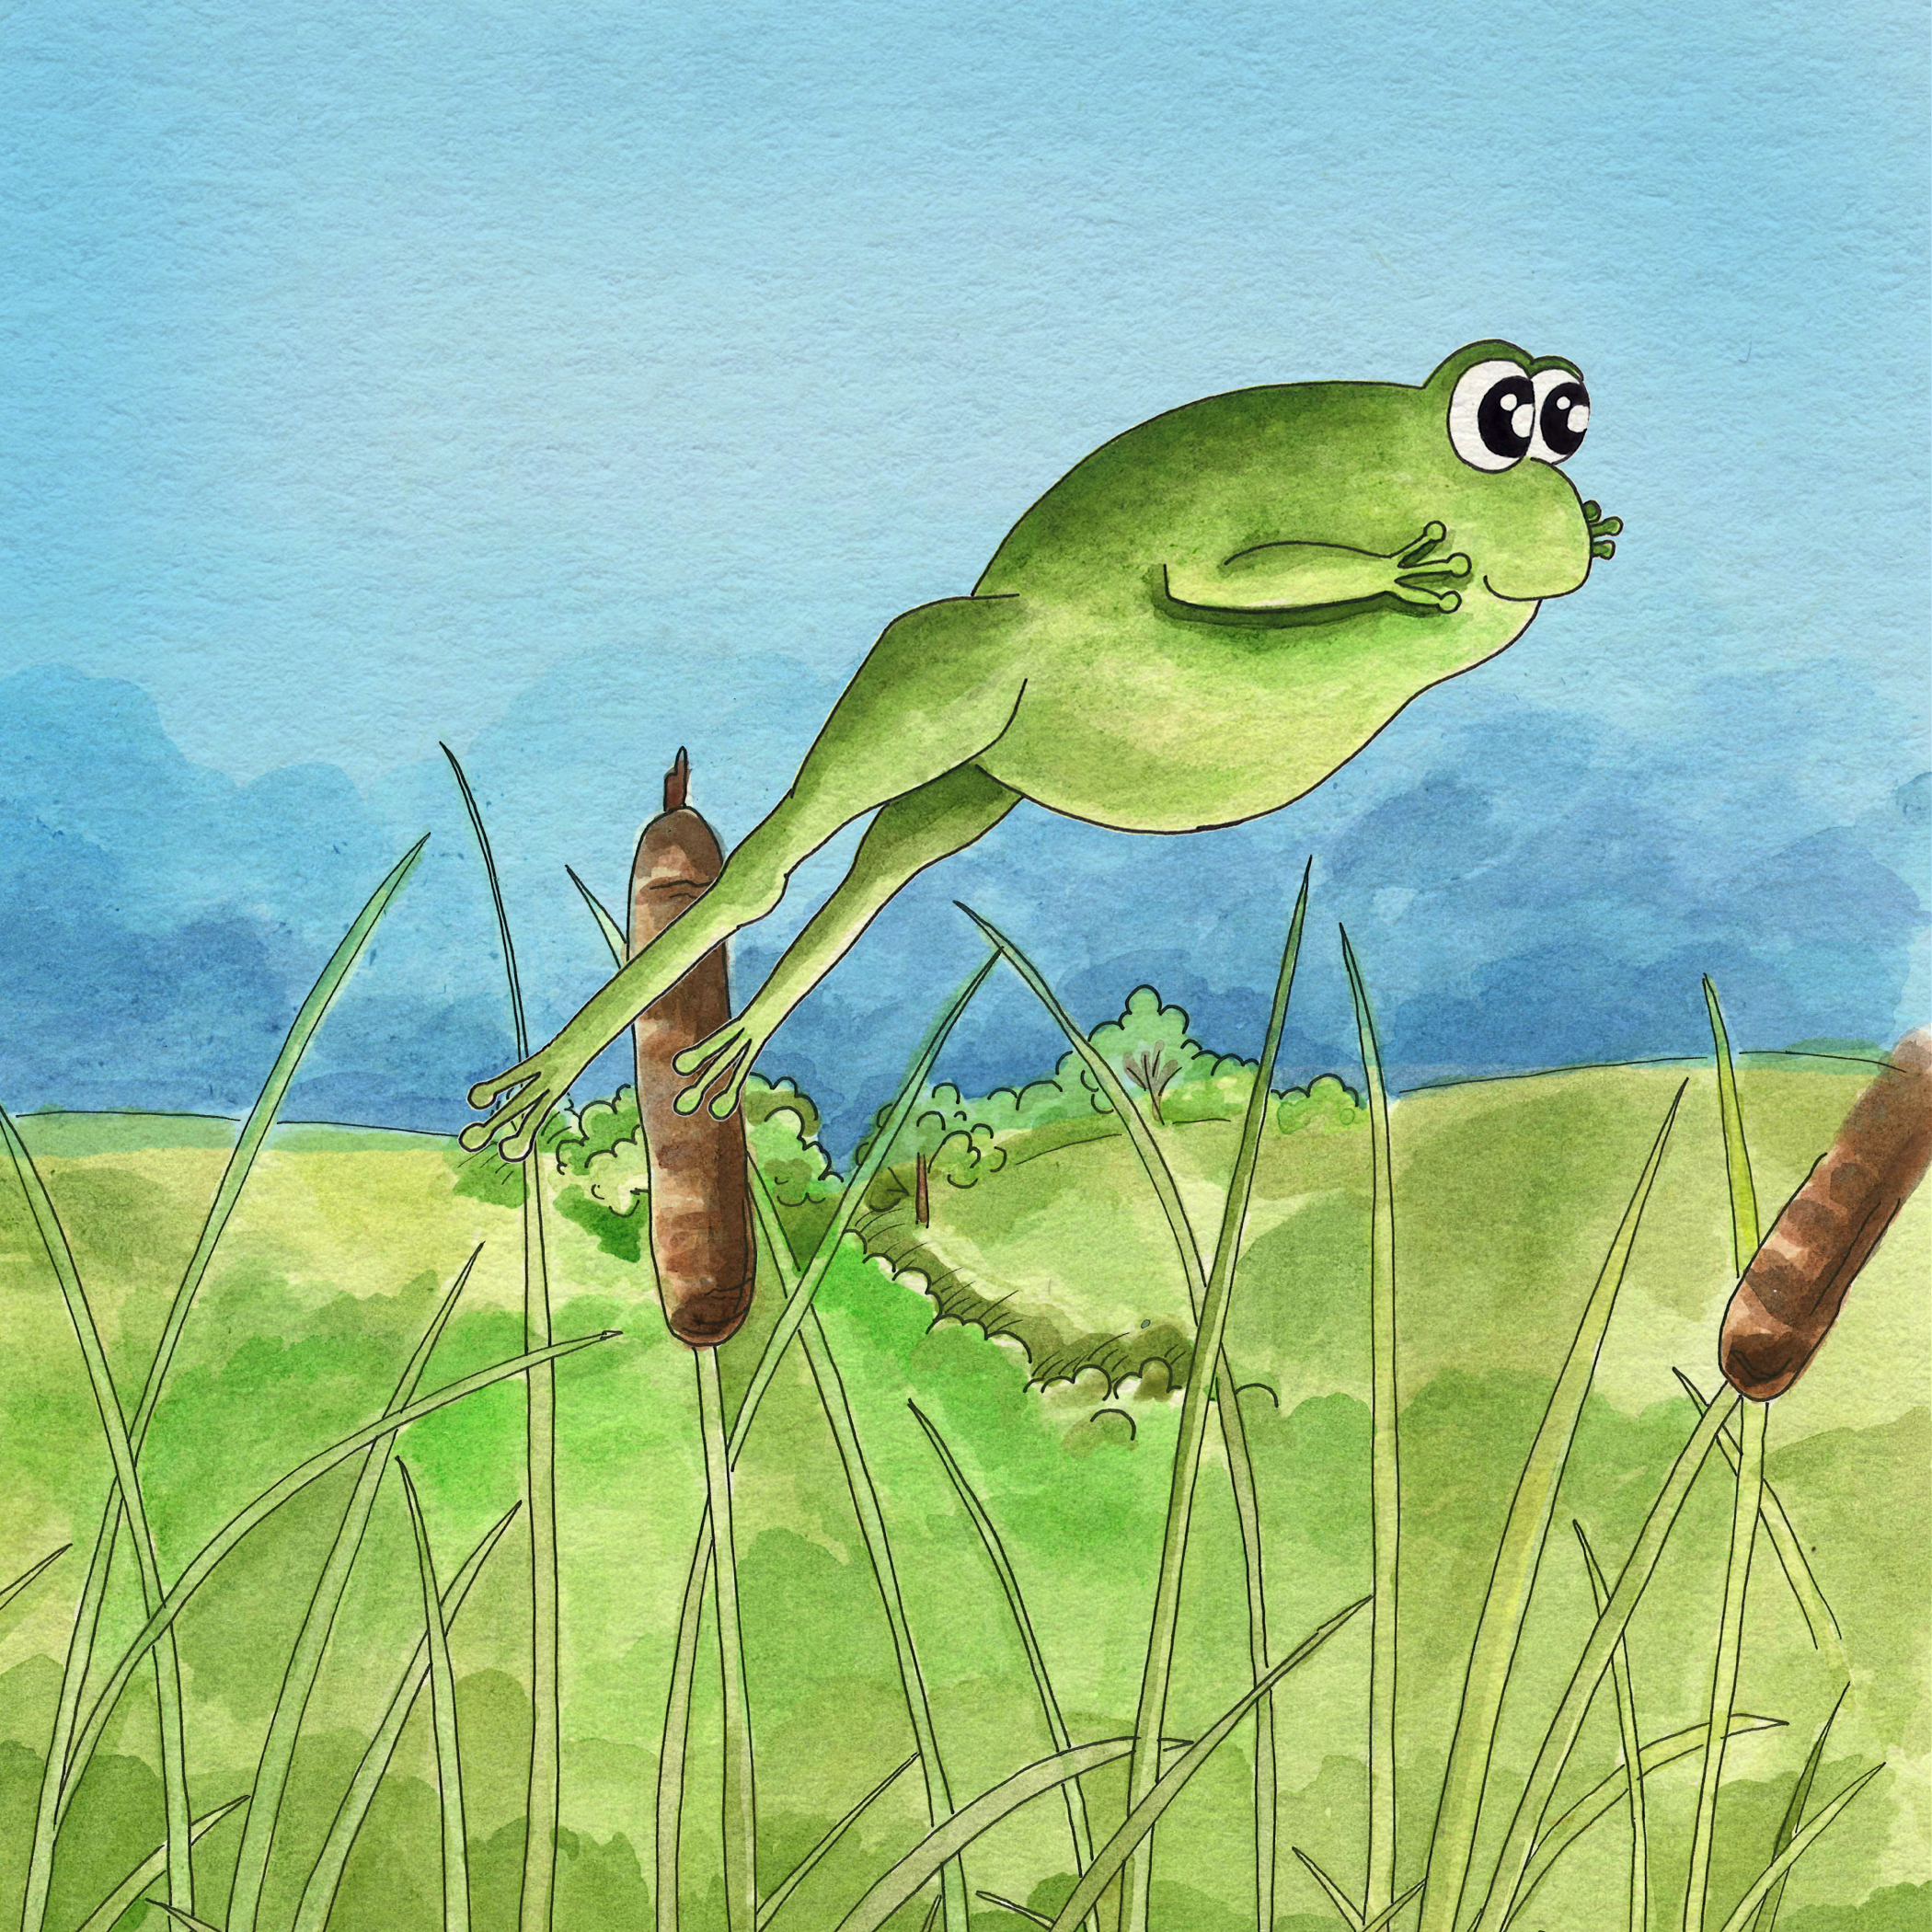 FrogIllustration.jpg